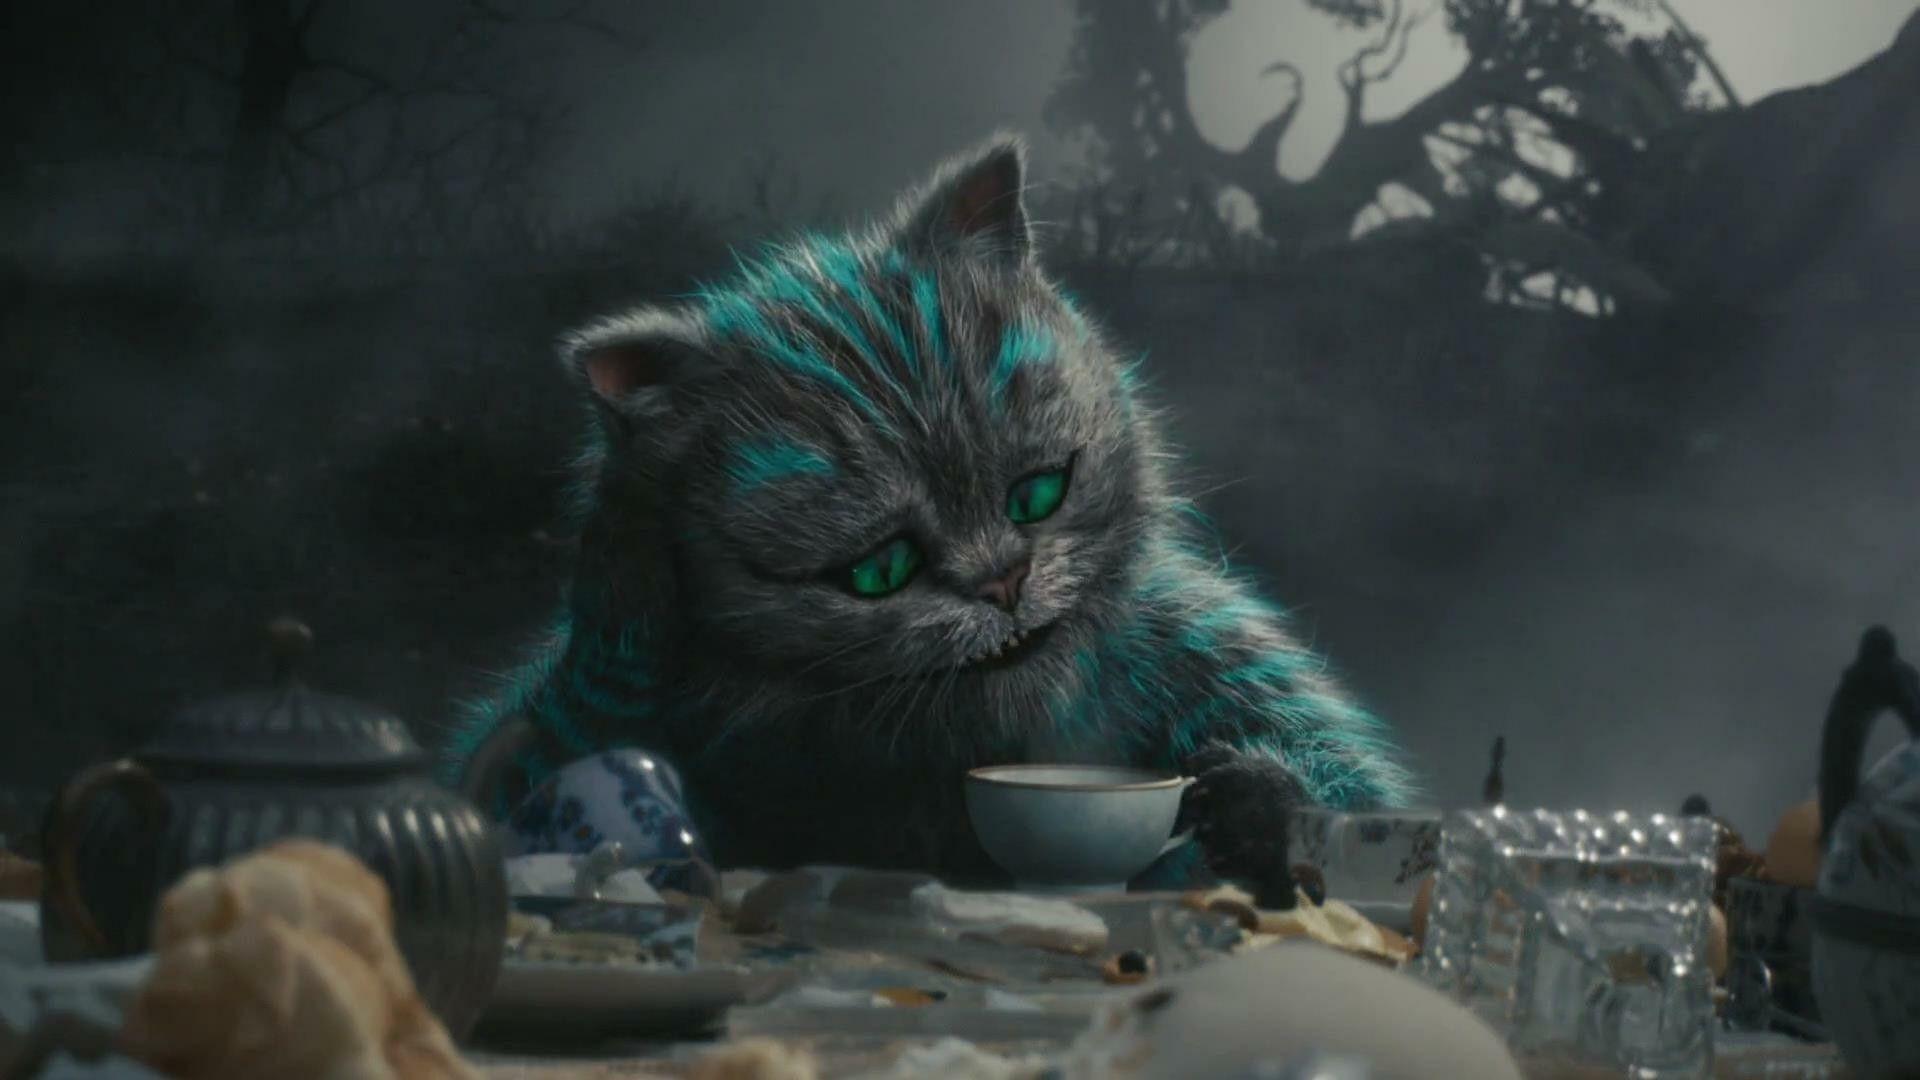 картинка шляпник чеширский кот уже дисков